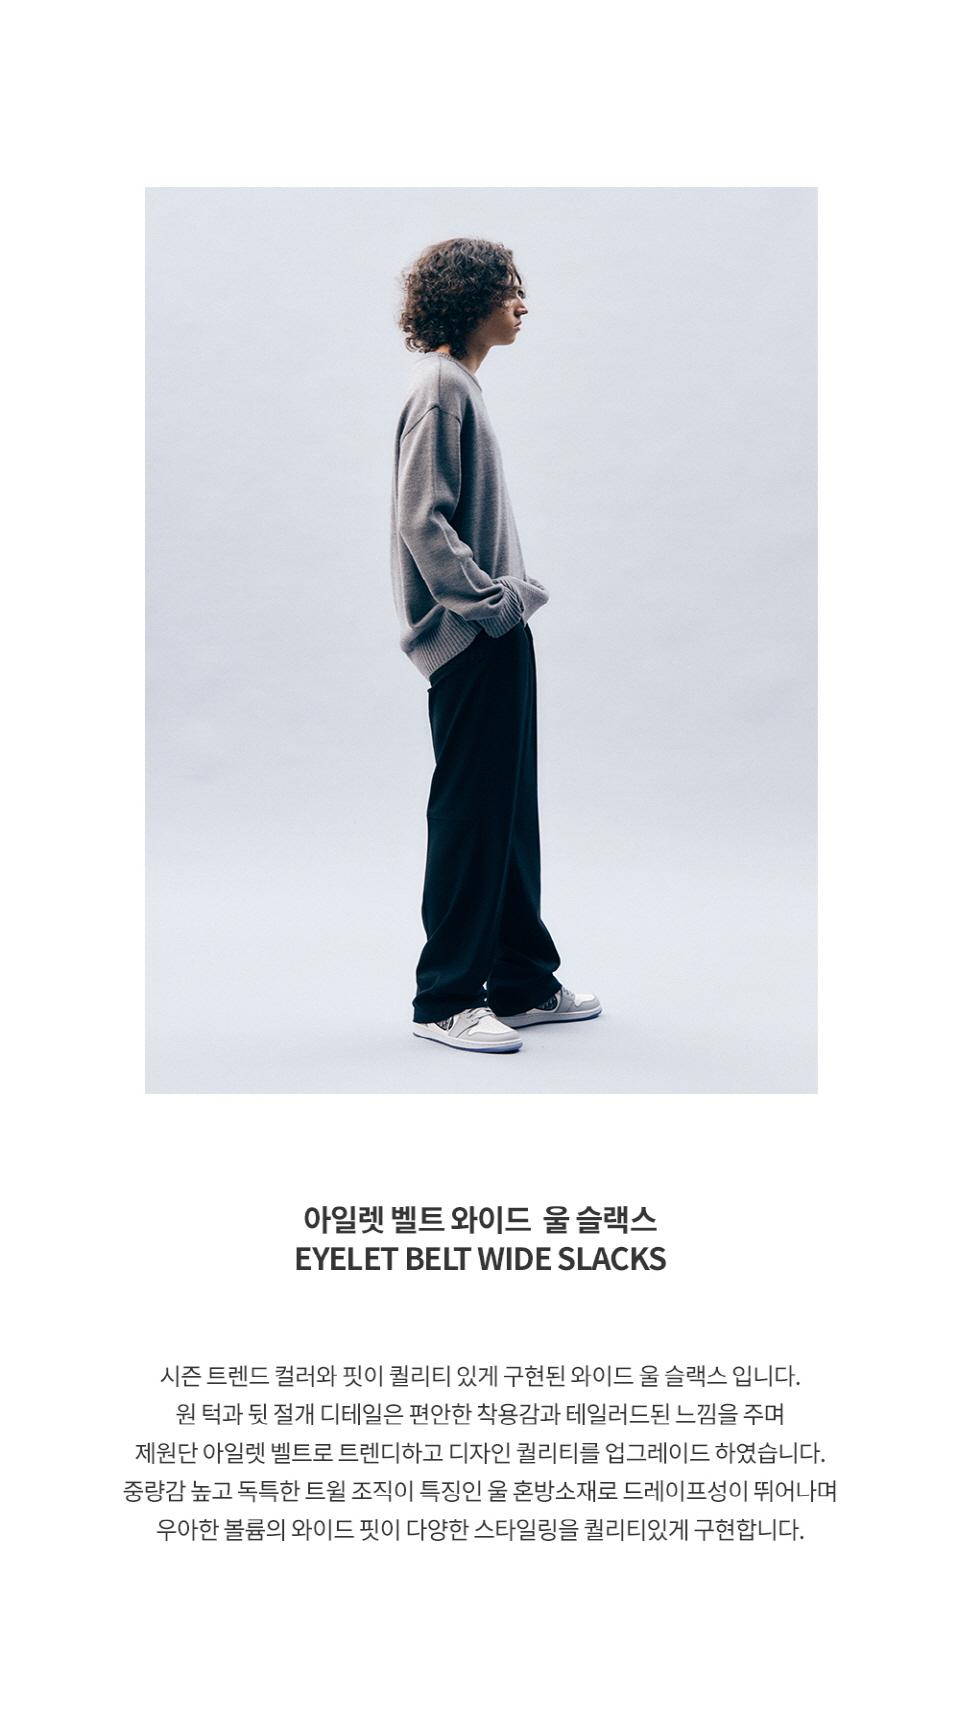 빌리언즈(BILLIONS) 아일렛 벨트 와이드 울 슬랙스 (BLACK)